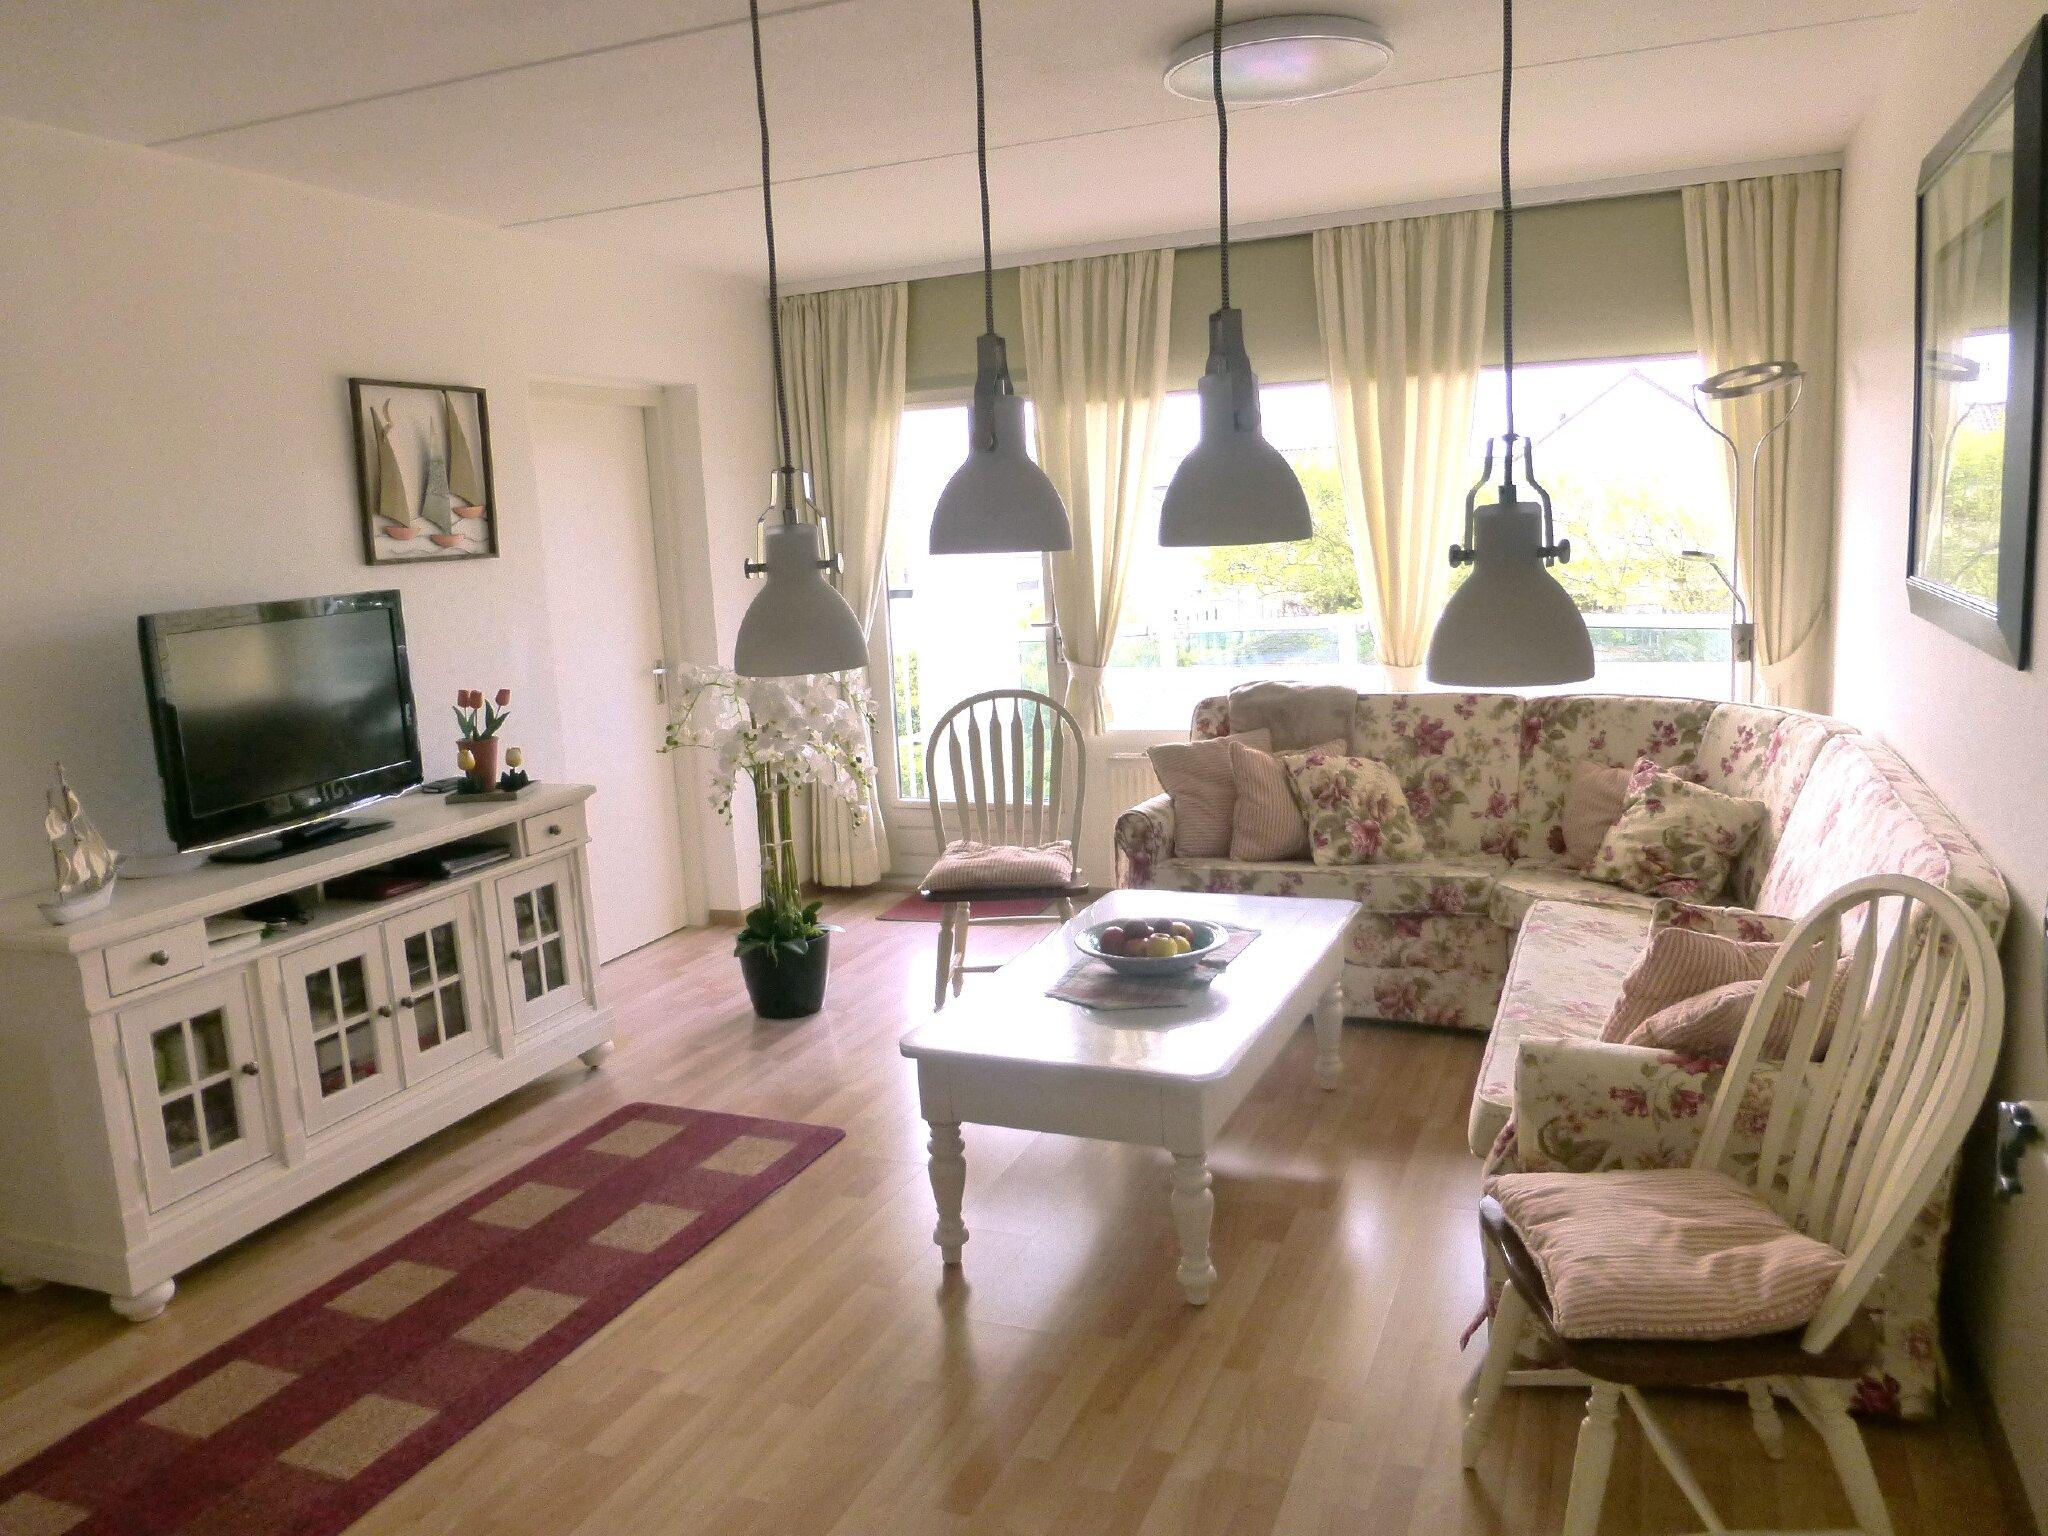 Küche mit Spülmaschine und Essecke